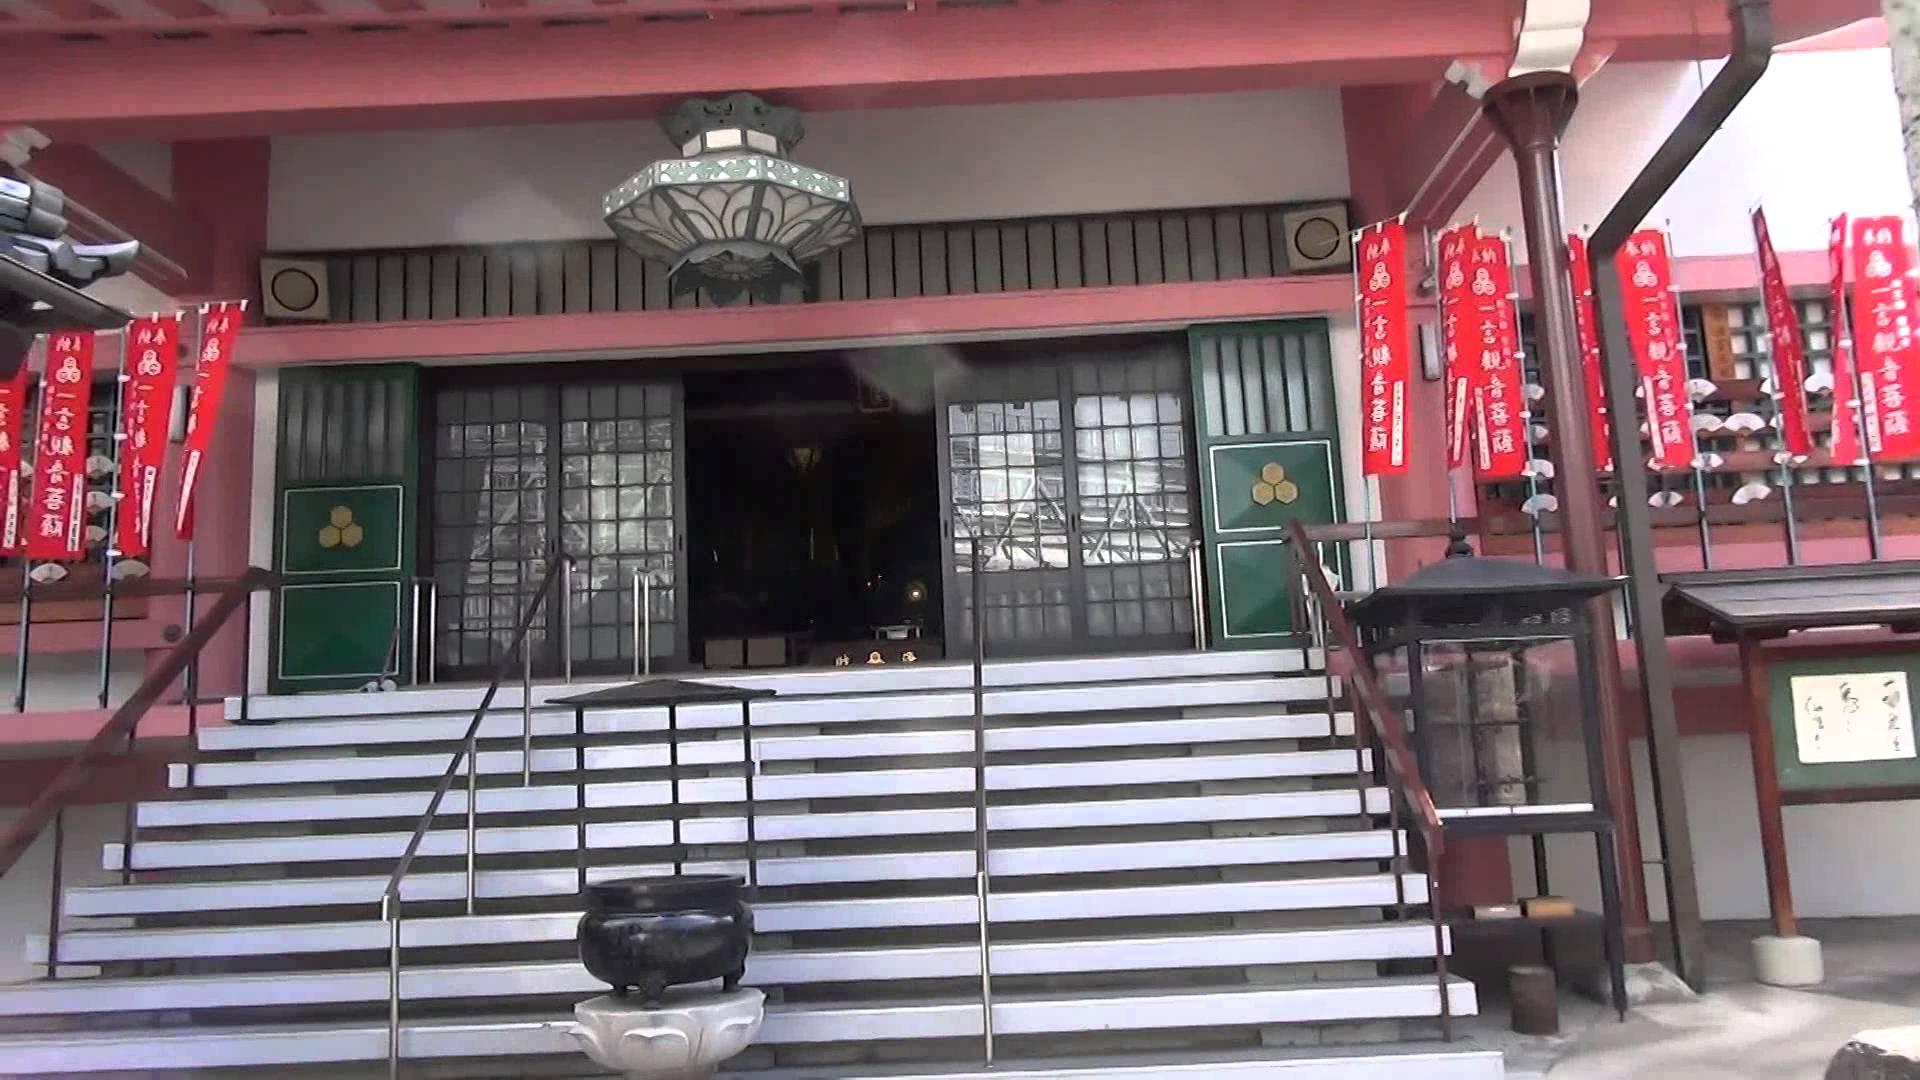 新京極商店街の神社仏閣を全部まわろう編07 総本山誓願寺の本堂から見守っていらっしゃる、ありがたーい阿弥陀如来様